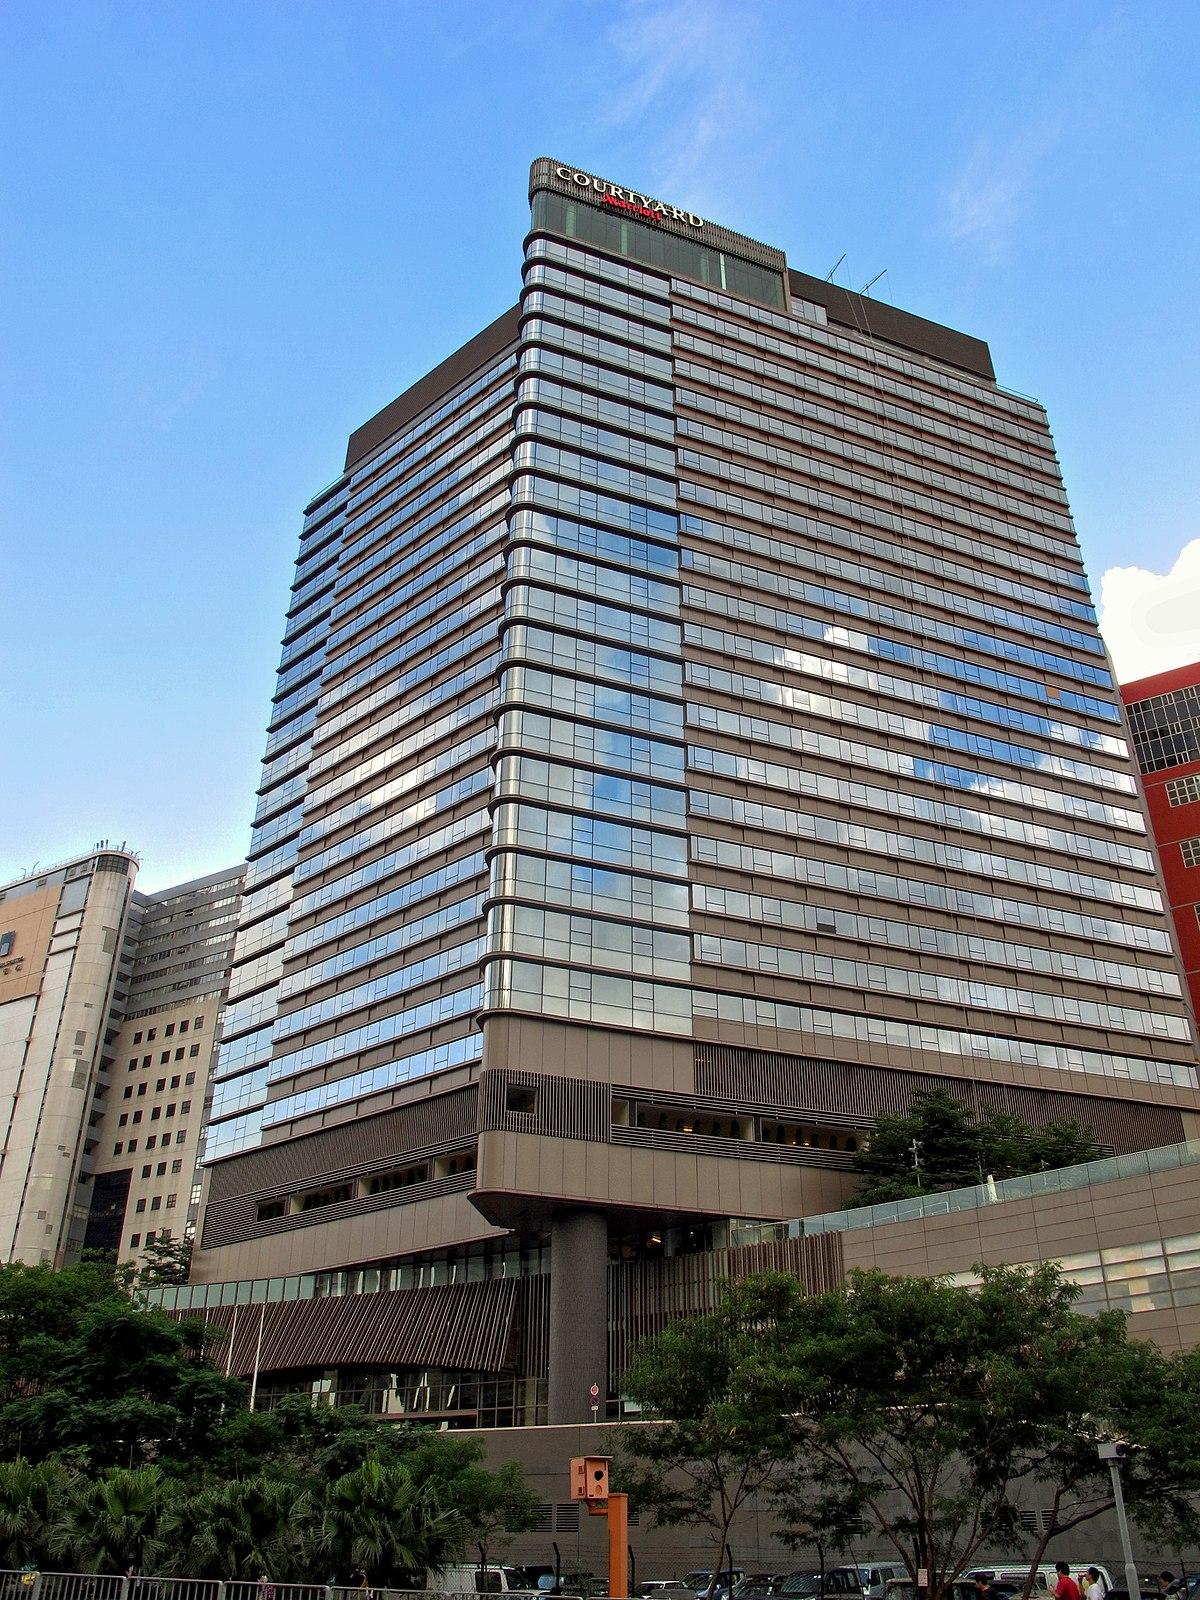 香港沙田萬怡酒店 维基百科,自由的百科全书